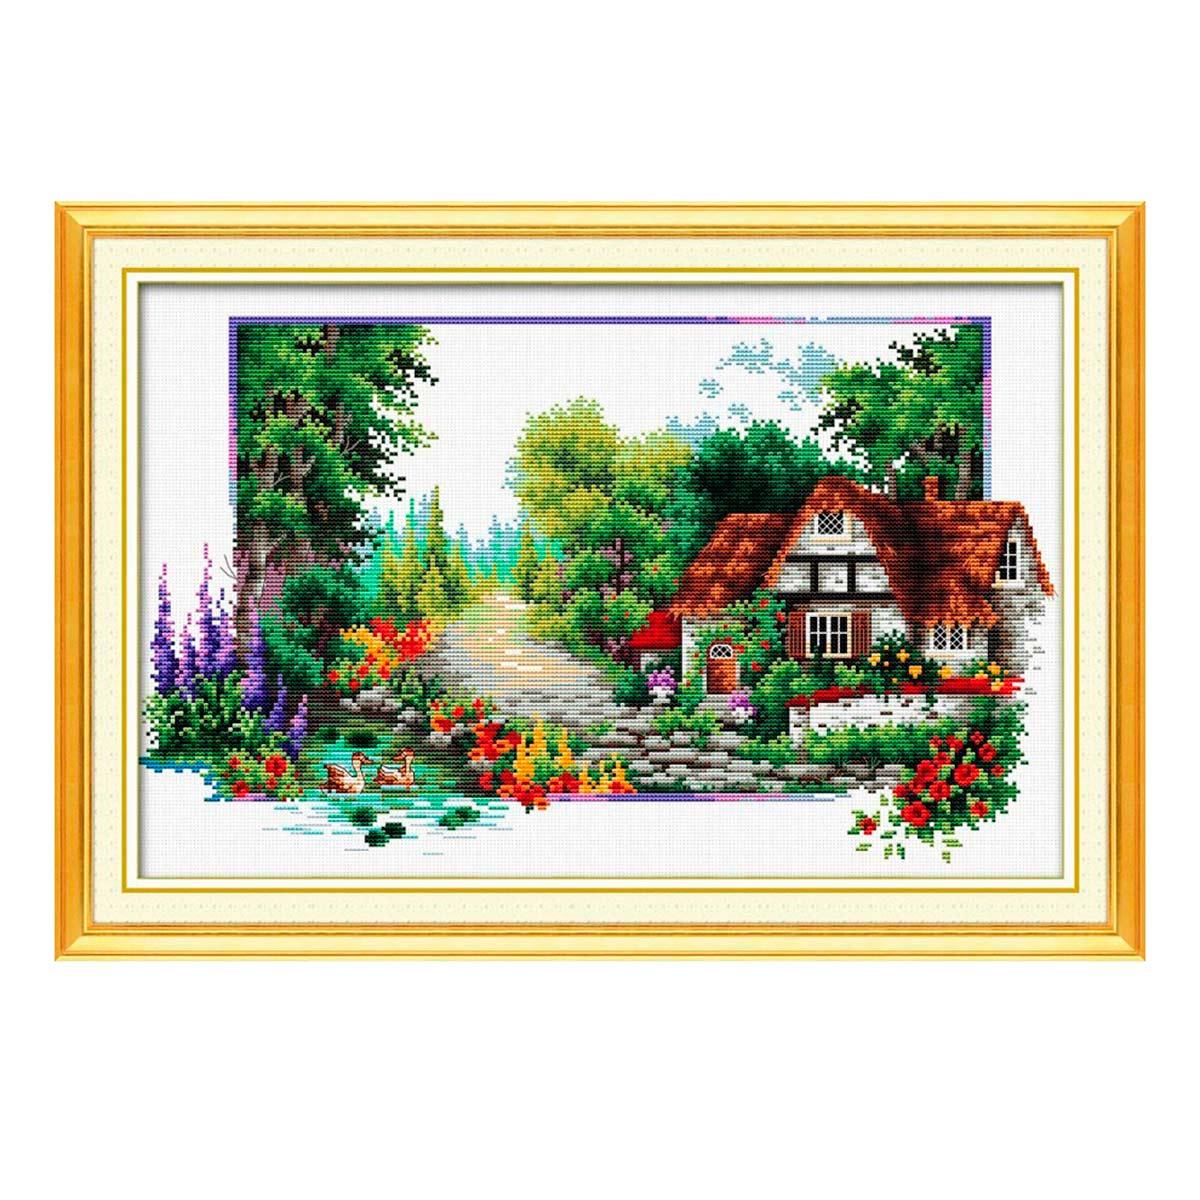 7528 Мозаика Cristal 'Домик в лесу 2', 65*40 см